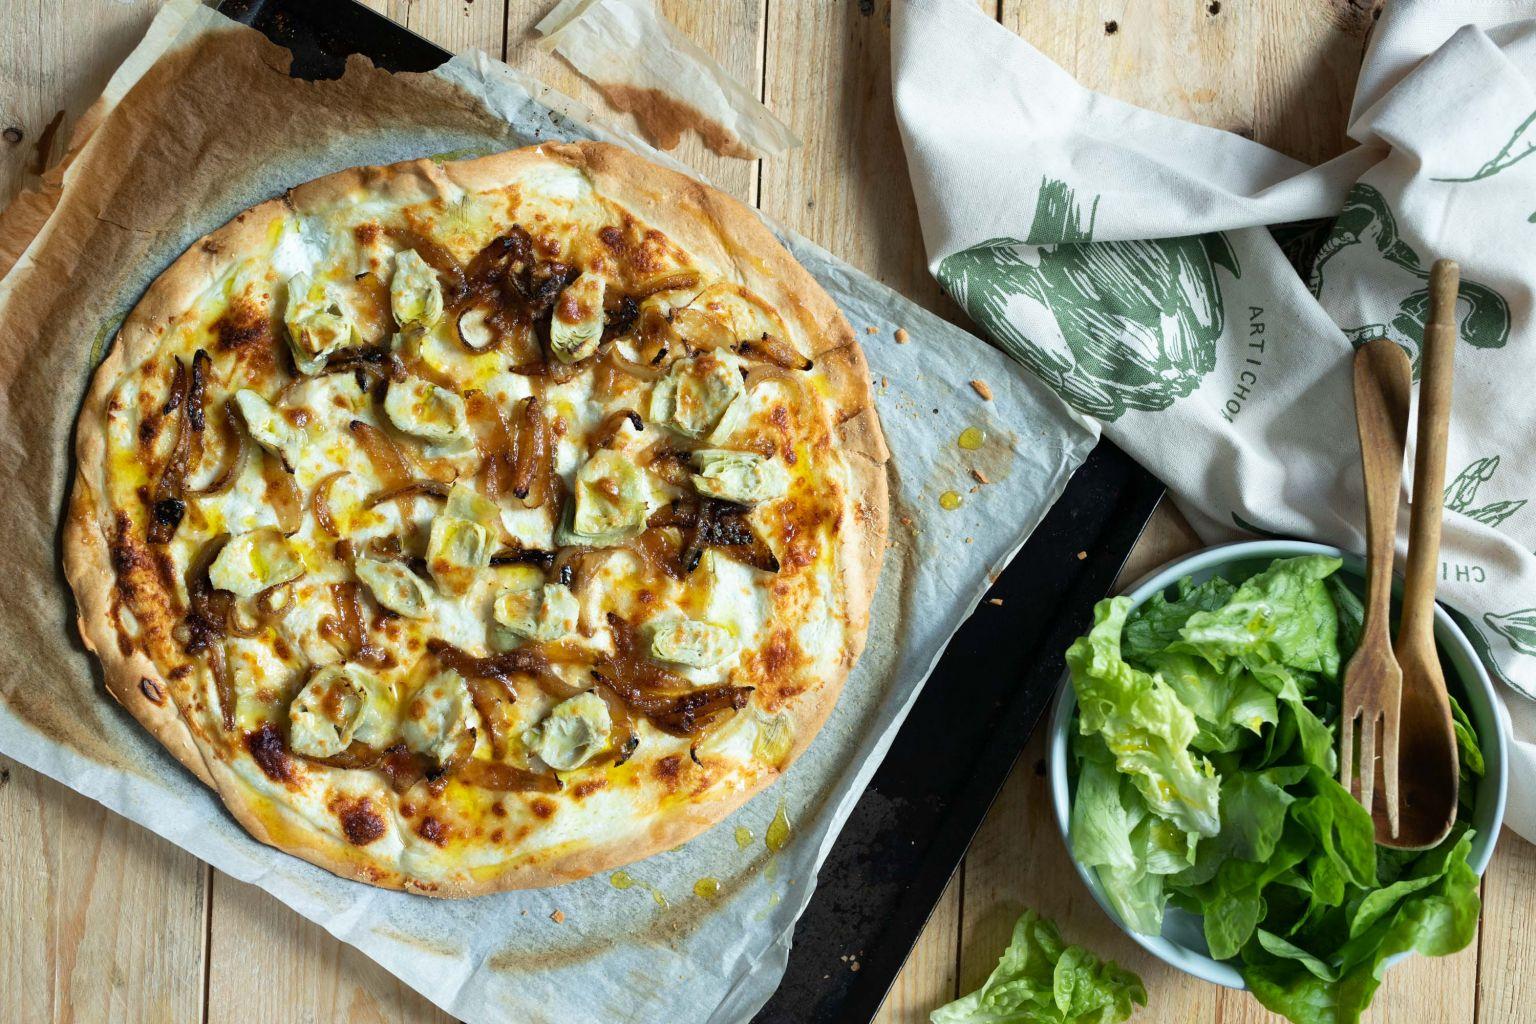 Pizza aux artichauts, oignon caramélisé et parmesan